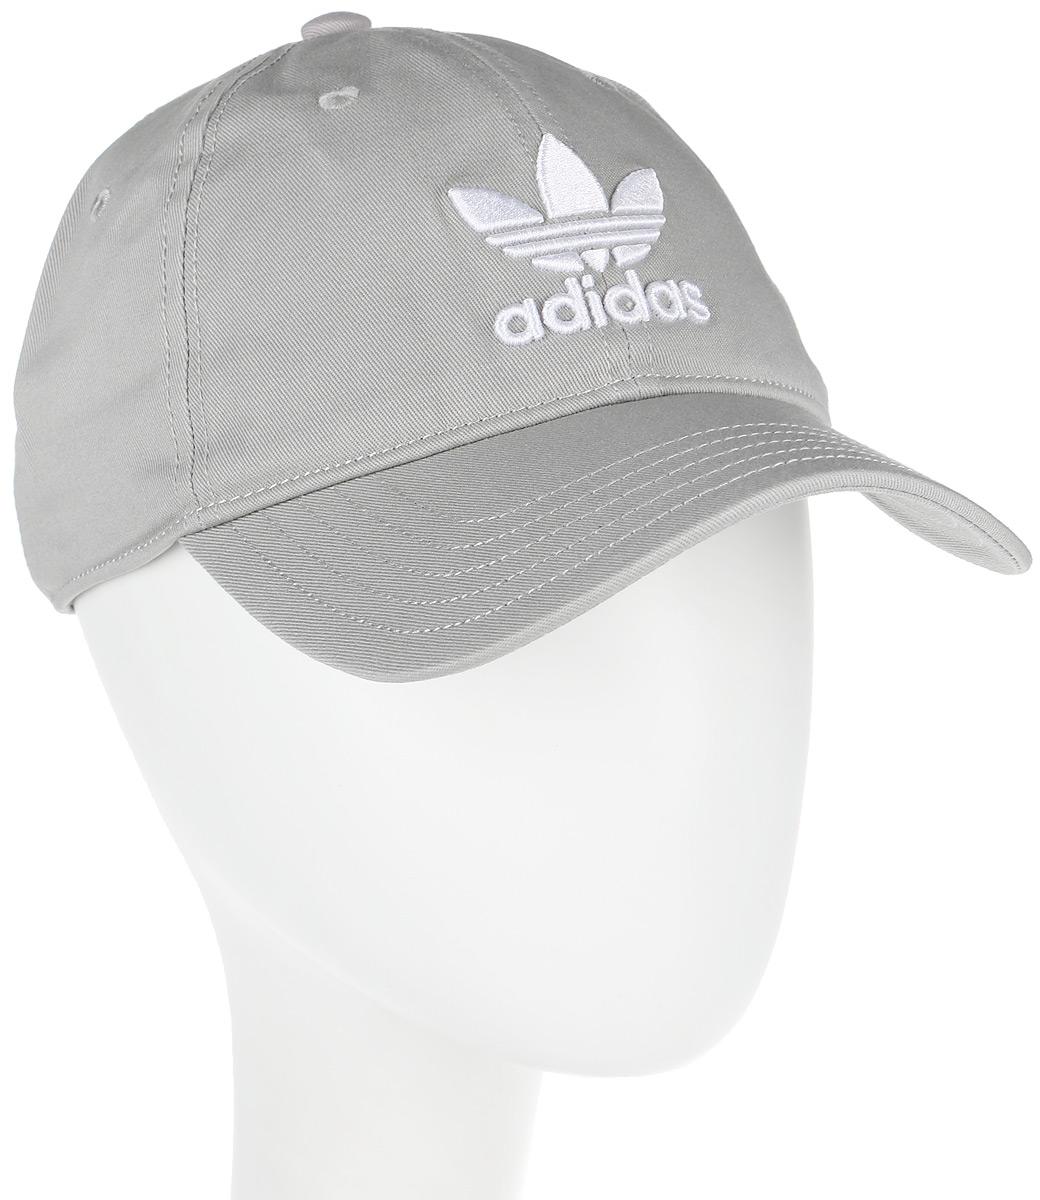 Бейсболка adidas Trefoil Cap, цвет: серый. BK7282. Размер 58/60BK7282Бейсболка adidas Trefoil Cap выполнена из полиэстера и хлопка. Модель с изогнутым козырьком оформлена логотипом бренда.